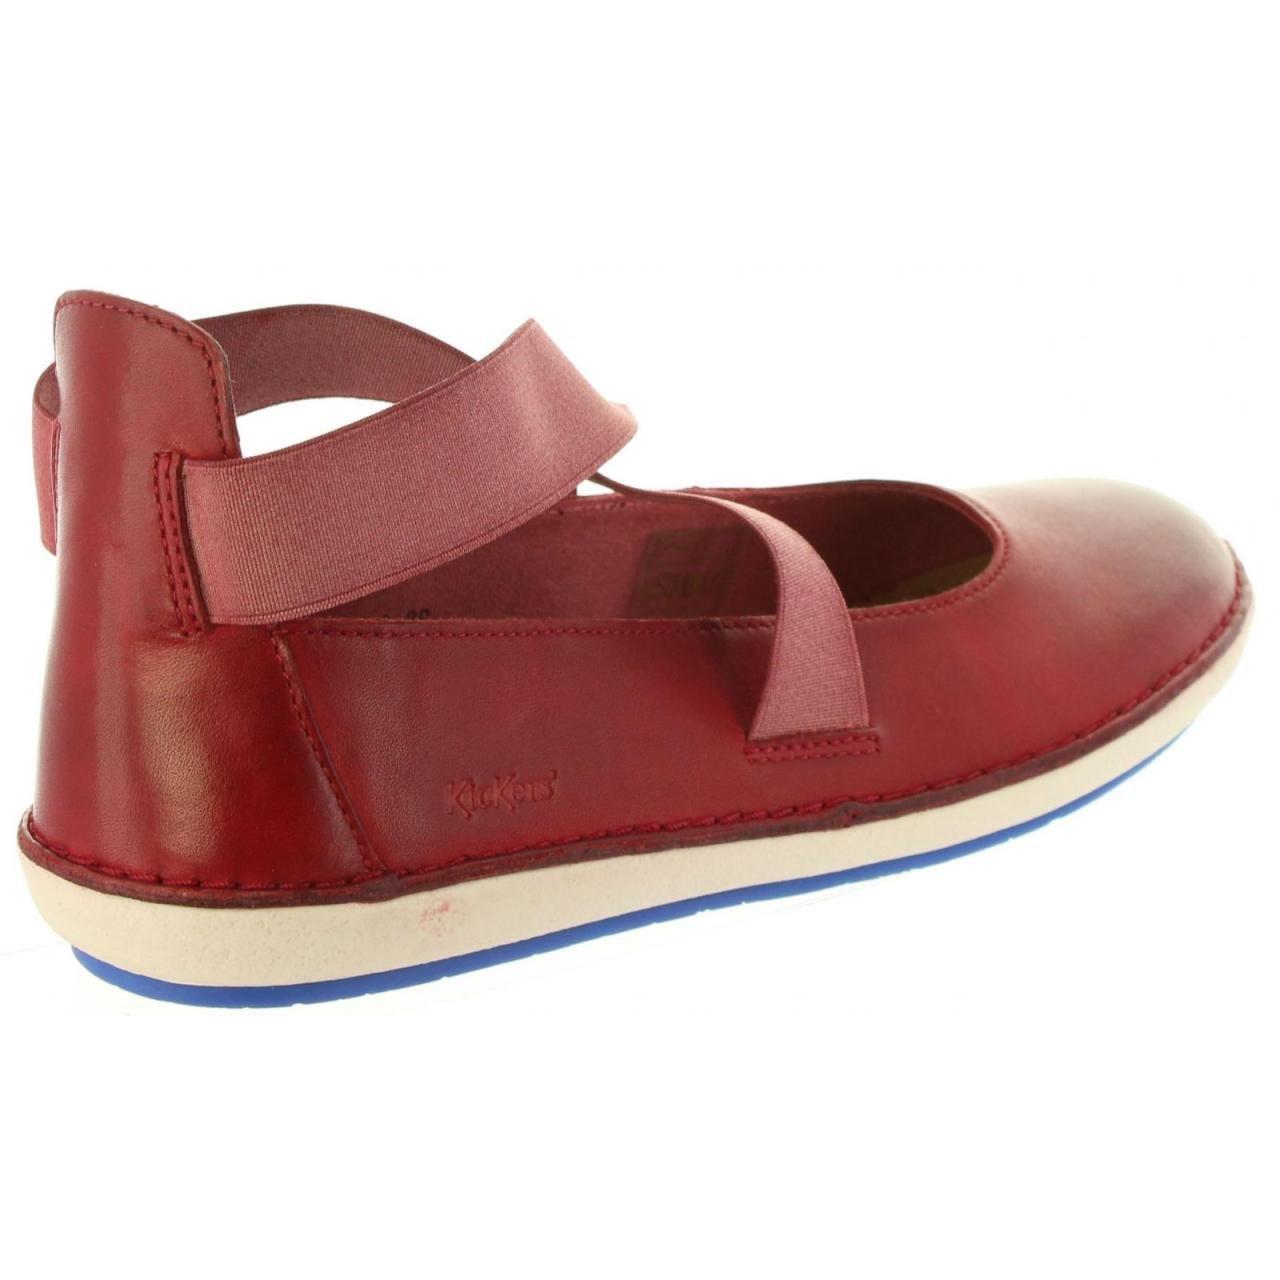 Kickers Schuhe für Damen 609180-50 Folly 4 4 4 Rouge - 66c7bb